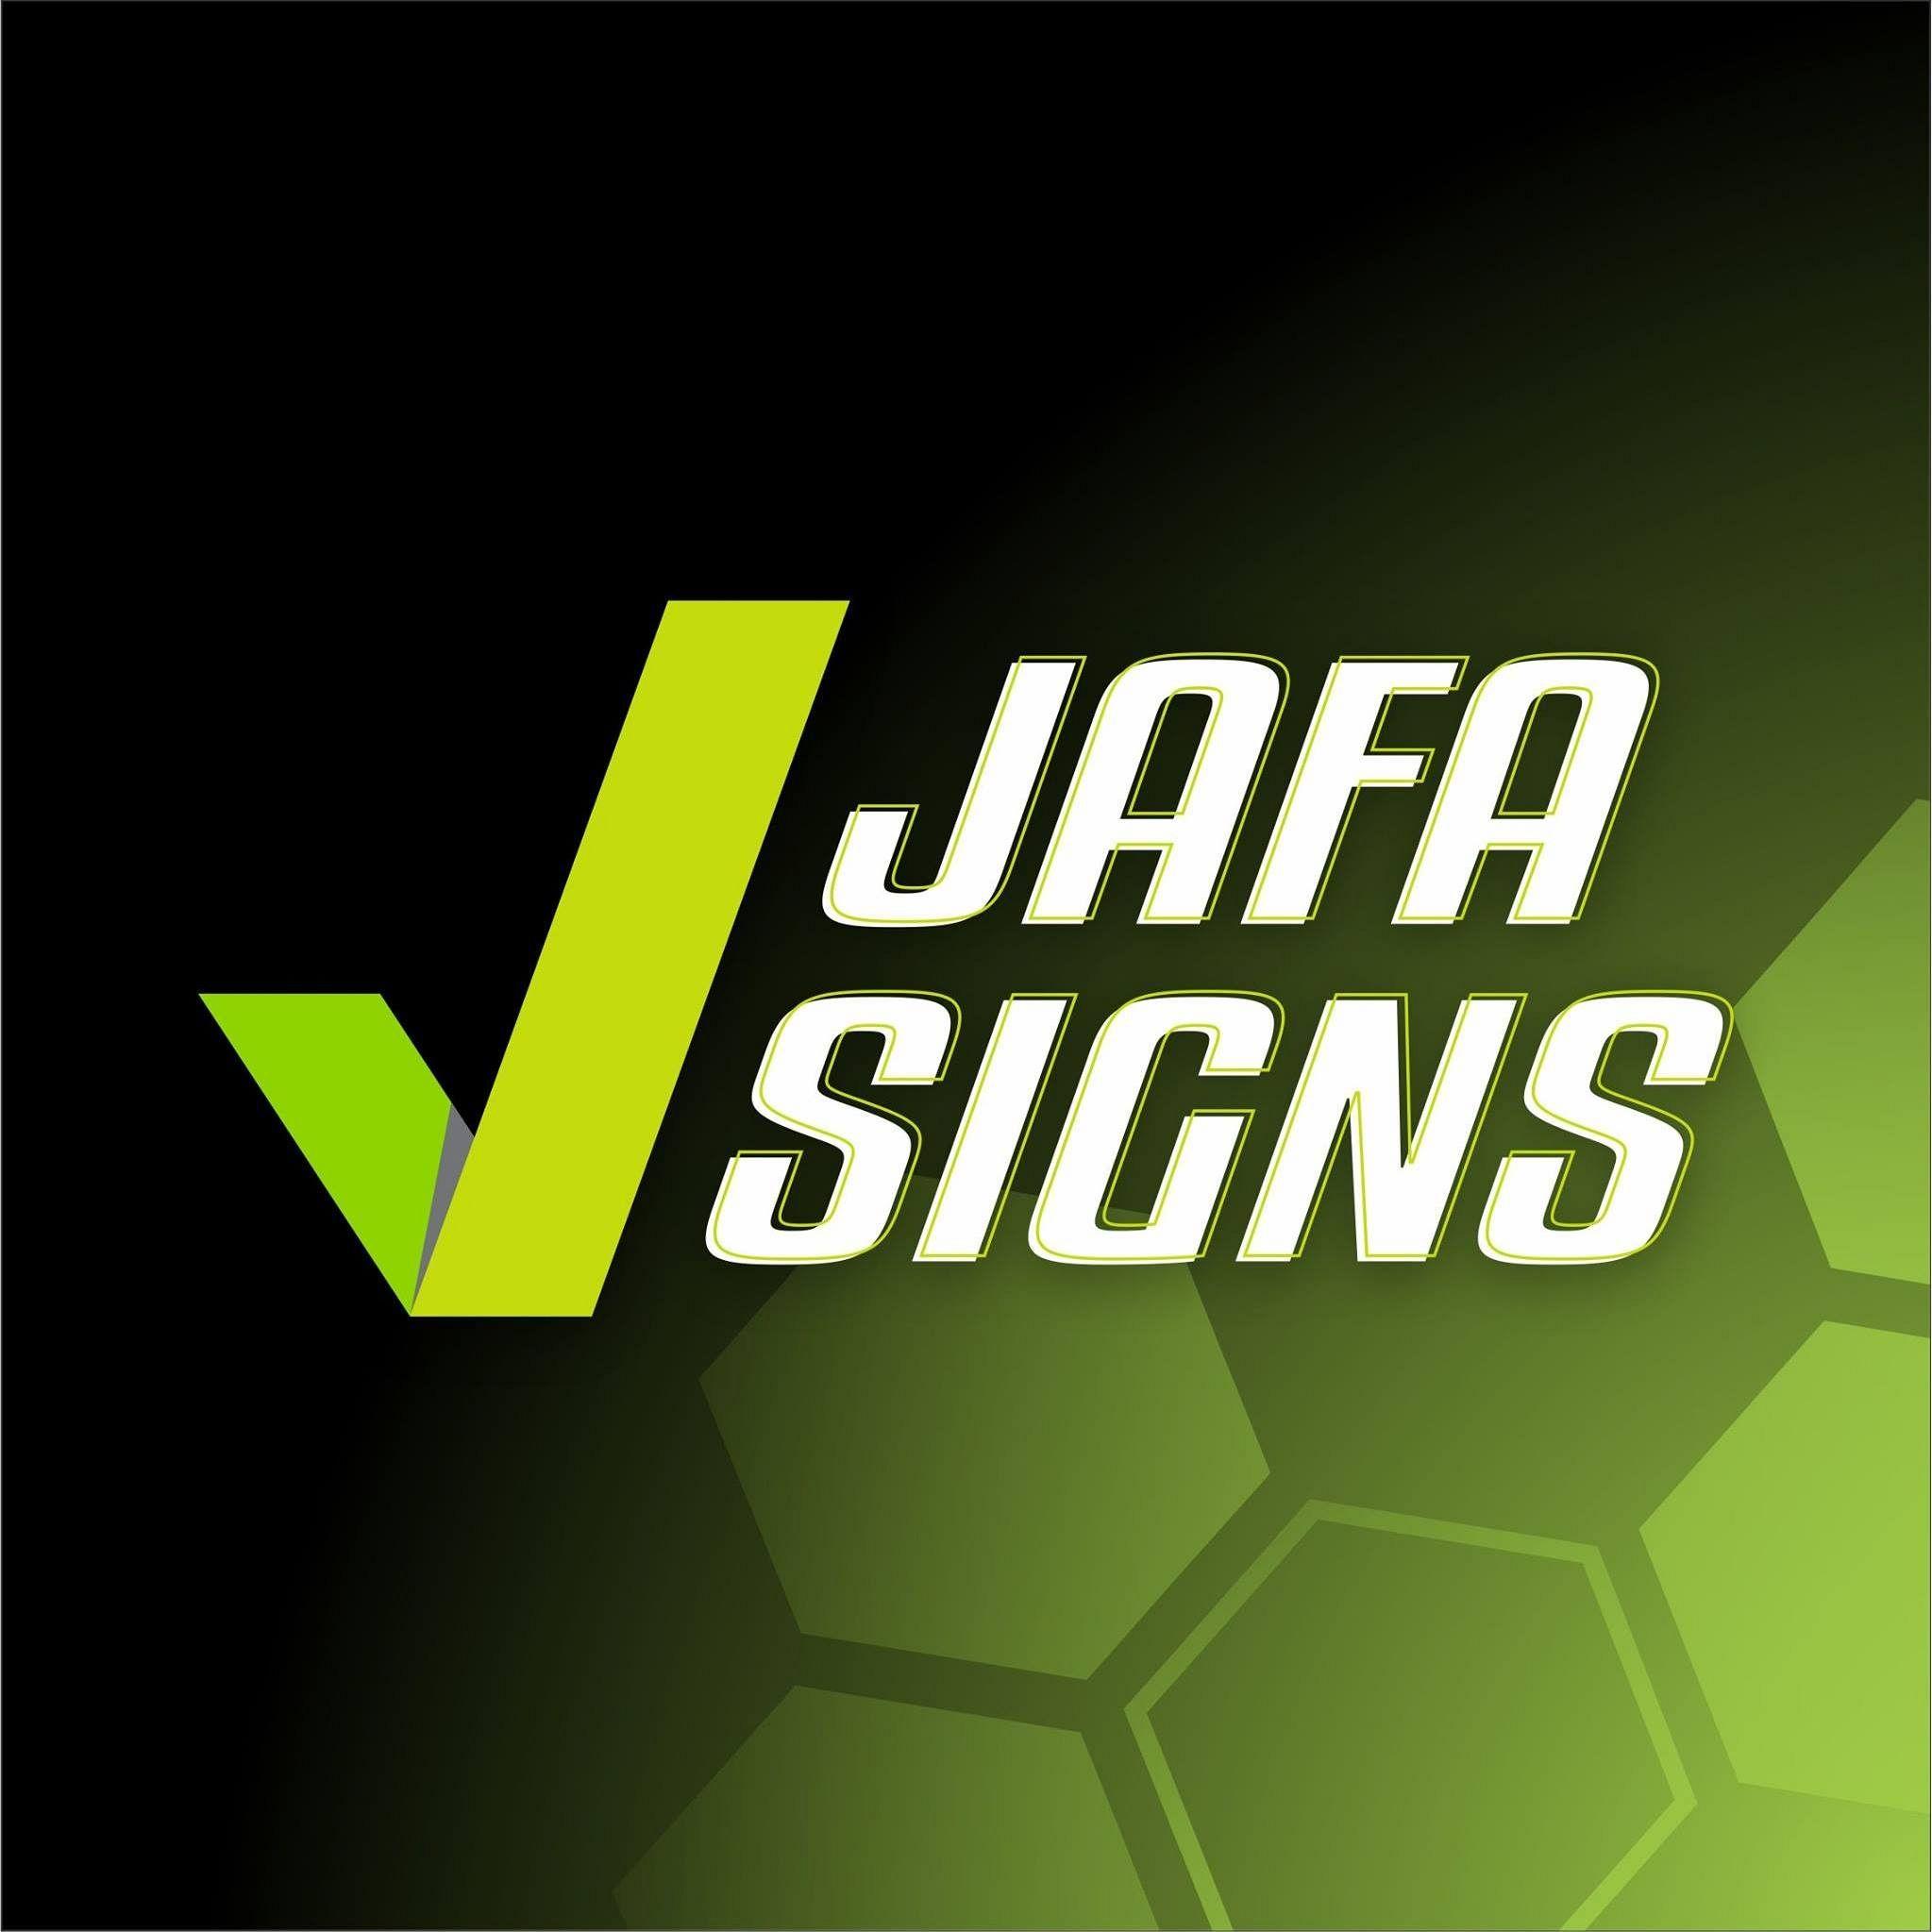 Jafa Signs Ltd